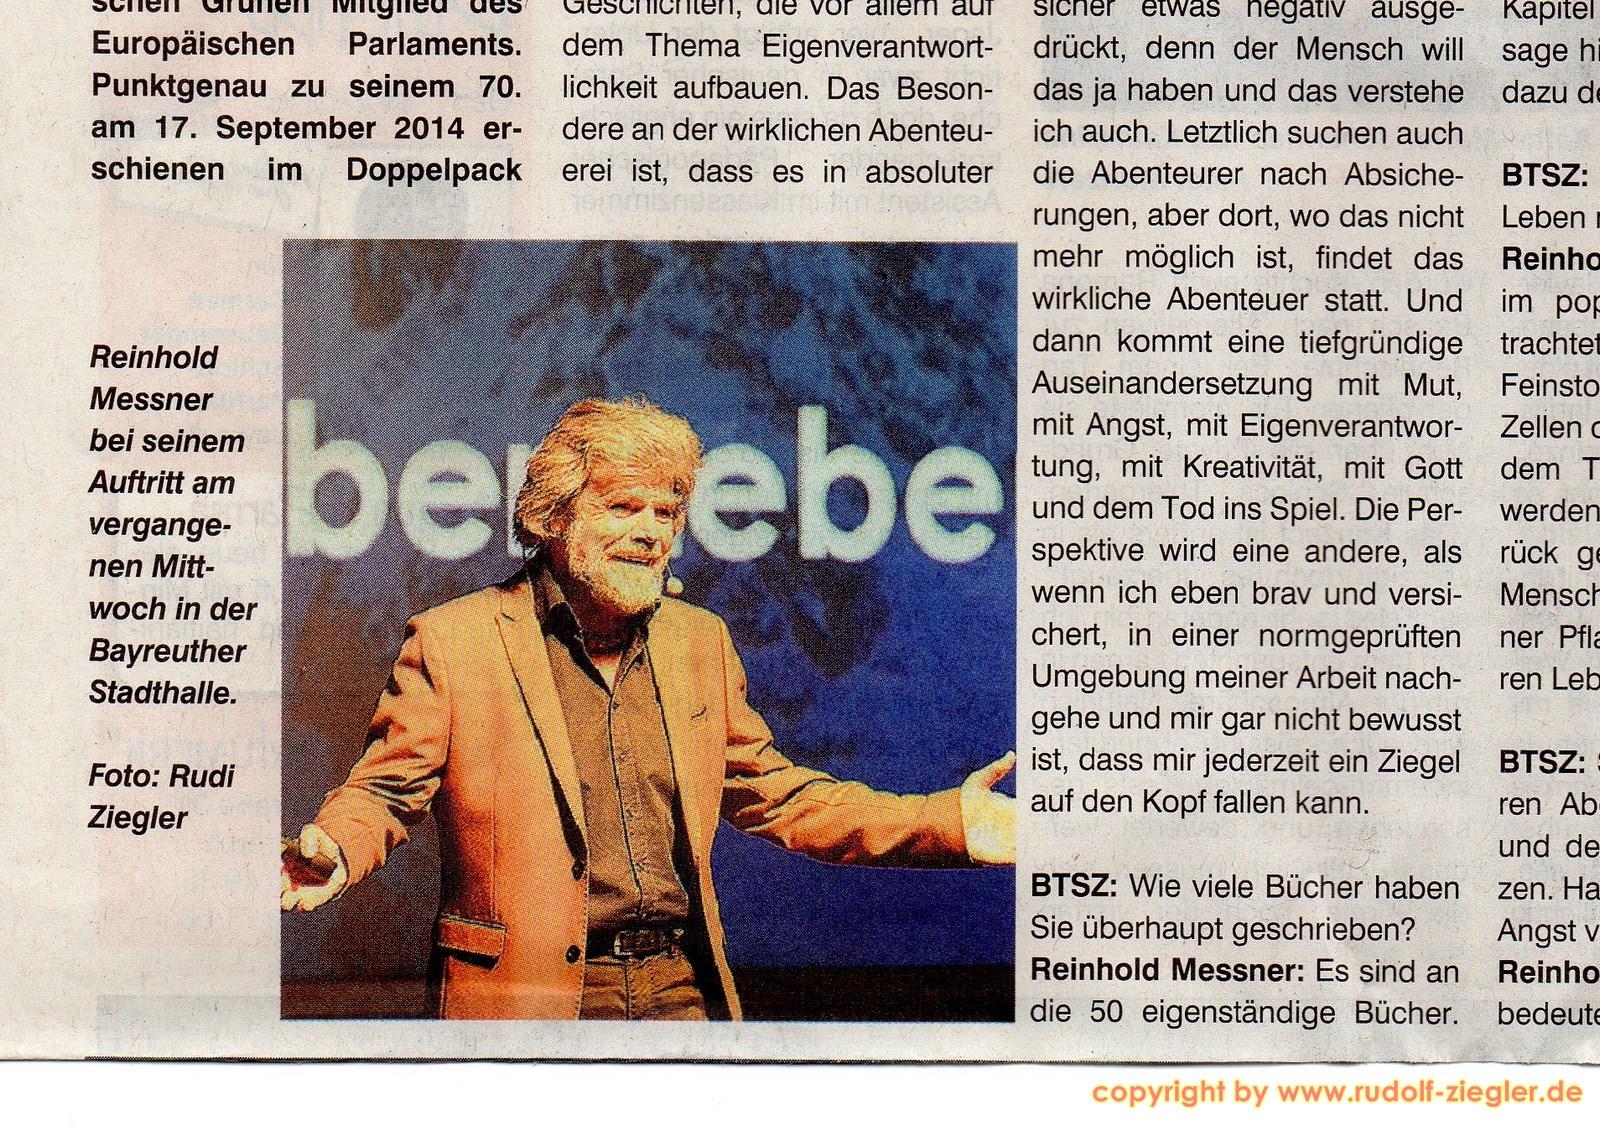 Bayreuther Sonntagszeitung 2015-11-29 (2)-A - 1600x1200